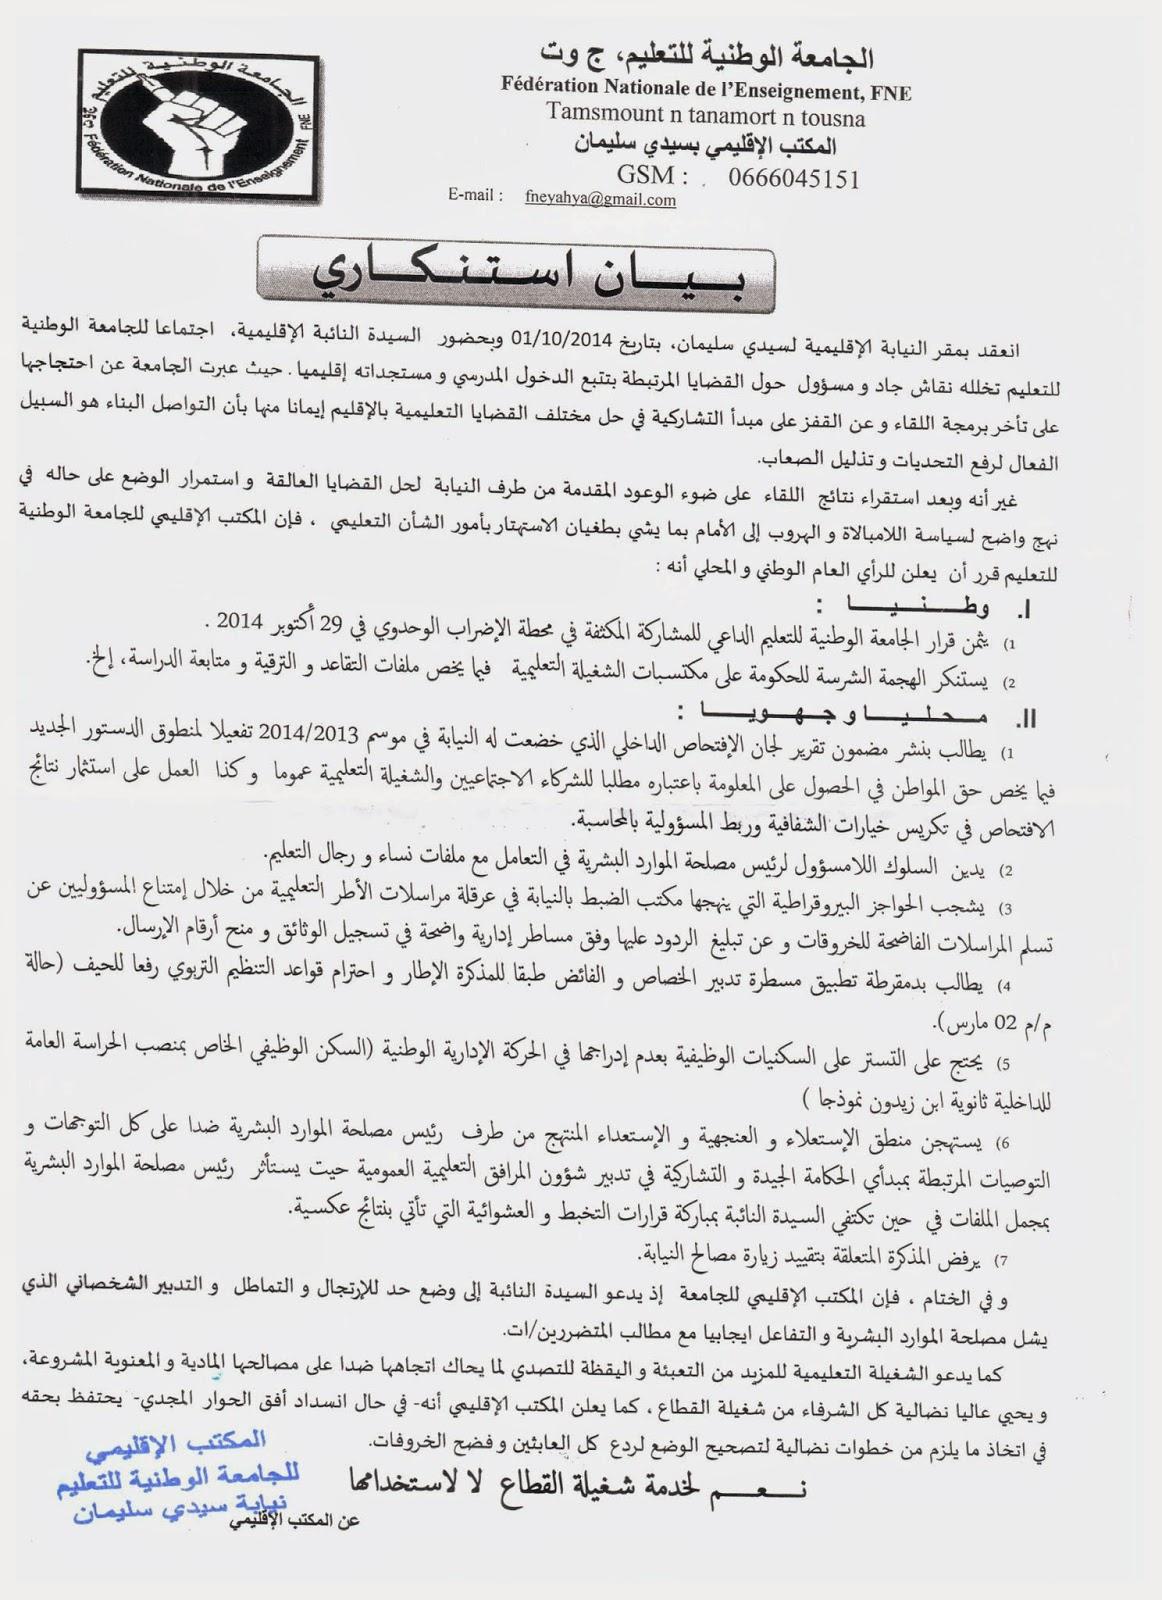 بيان استنكاري للمكتب الإقليمي للجامعة الوطنية للتعليم إقليم سيدي سليمان